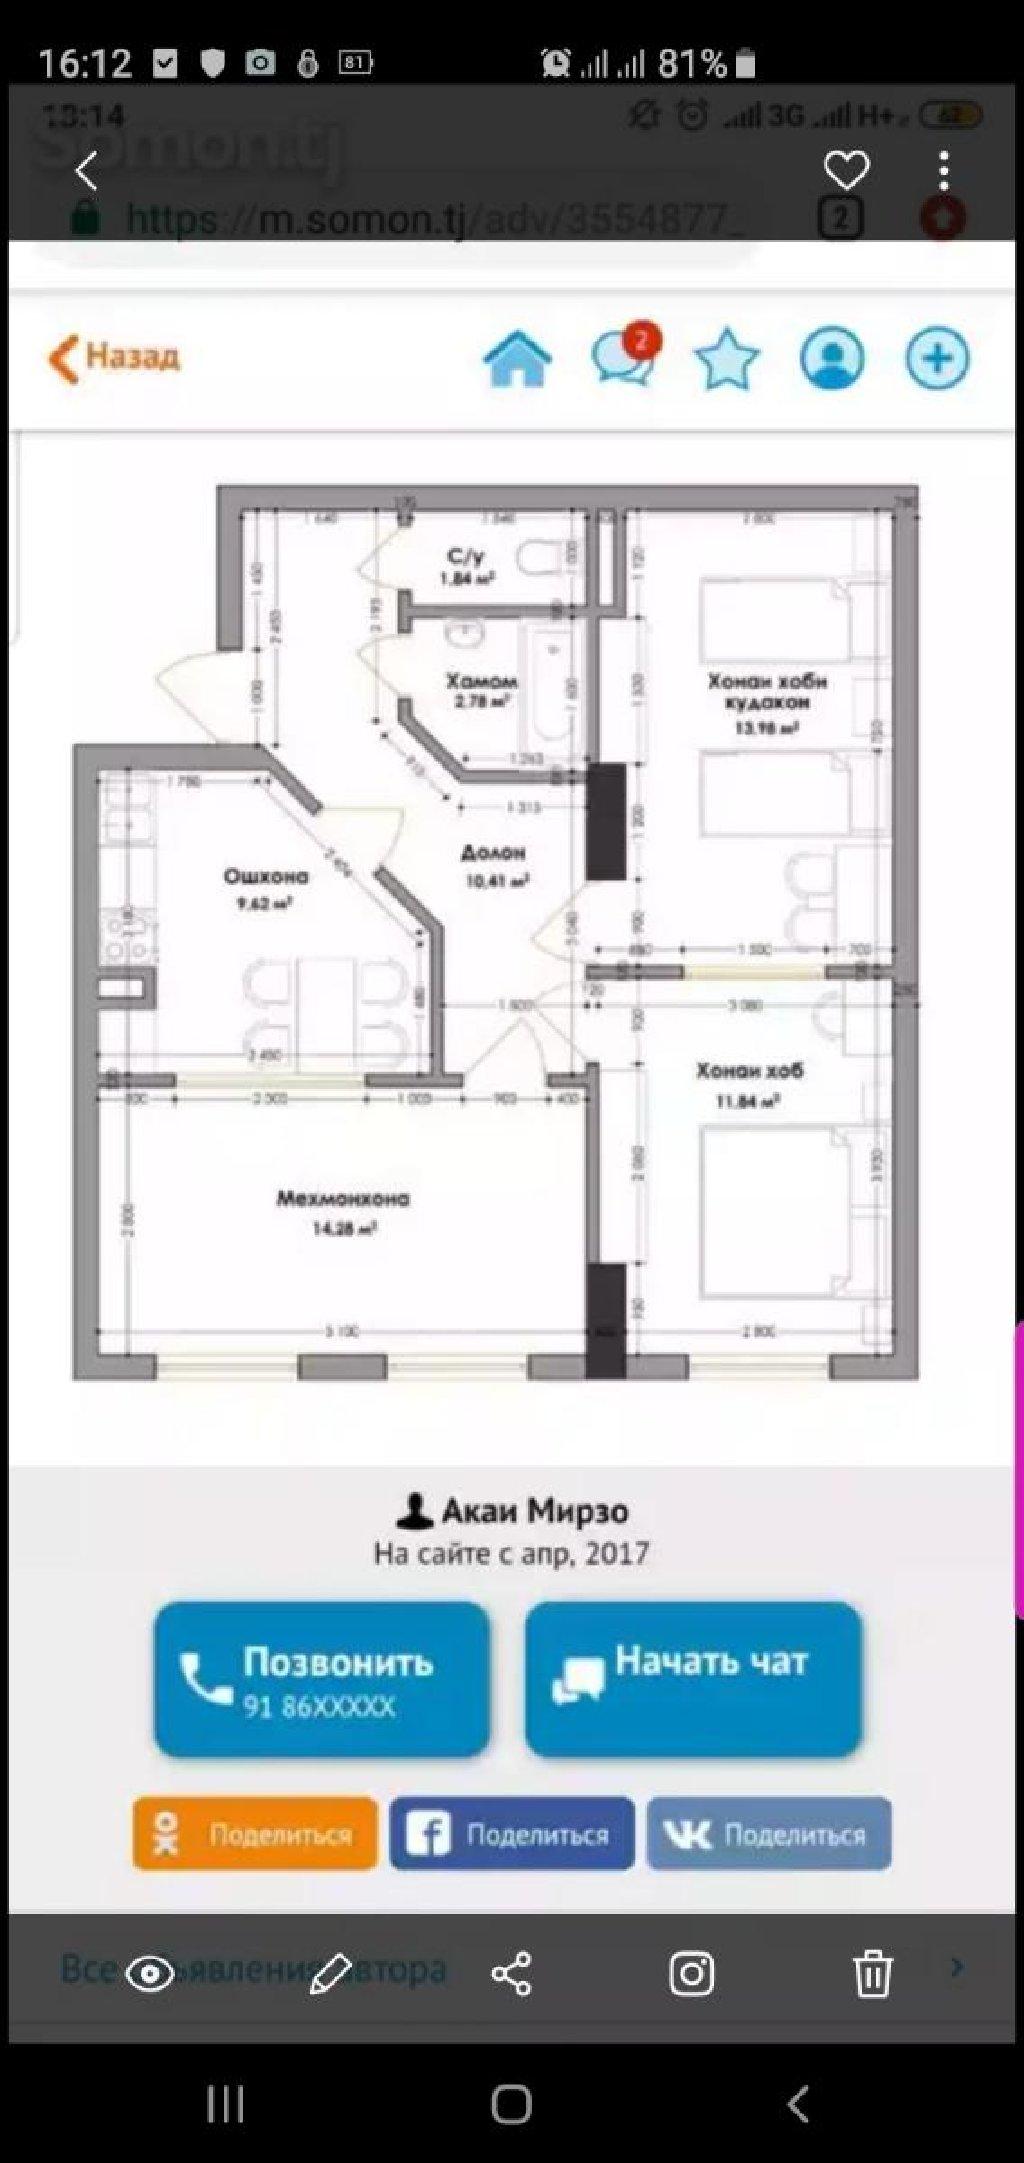 Хонаи фуруши срочна 3 хонага 64мк 20 етаж 120000 сомон